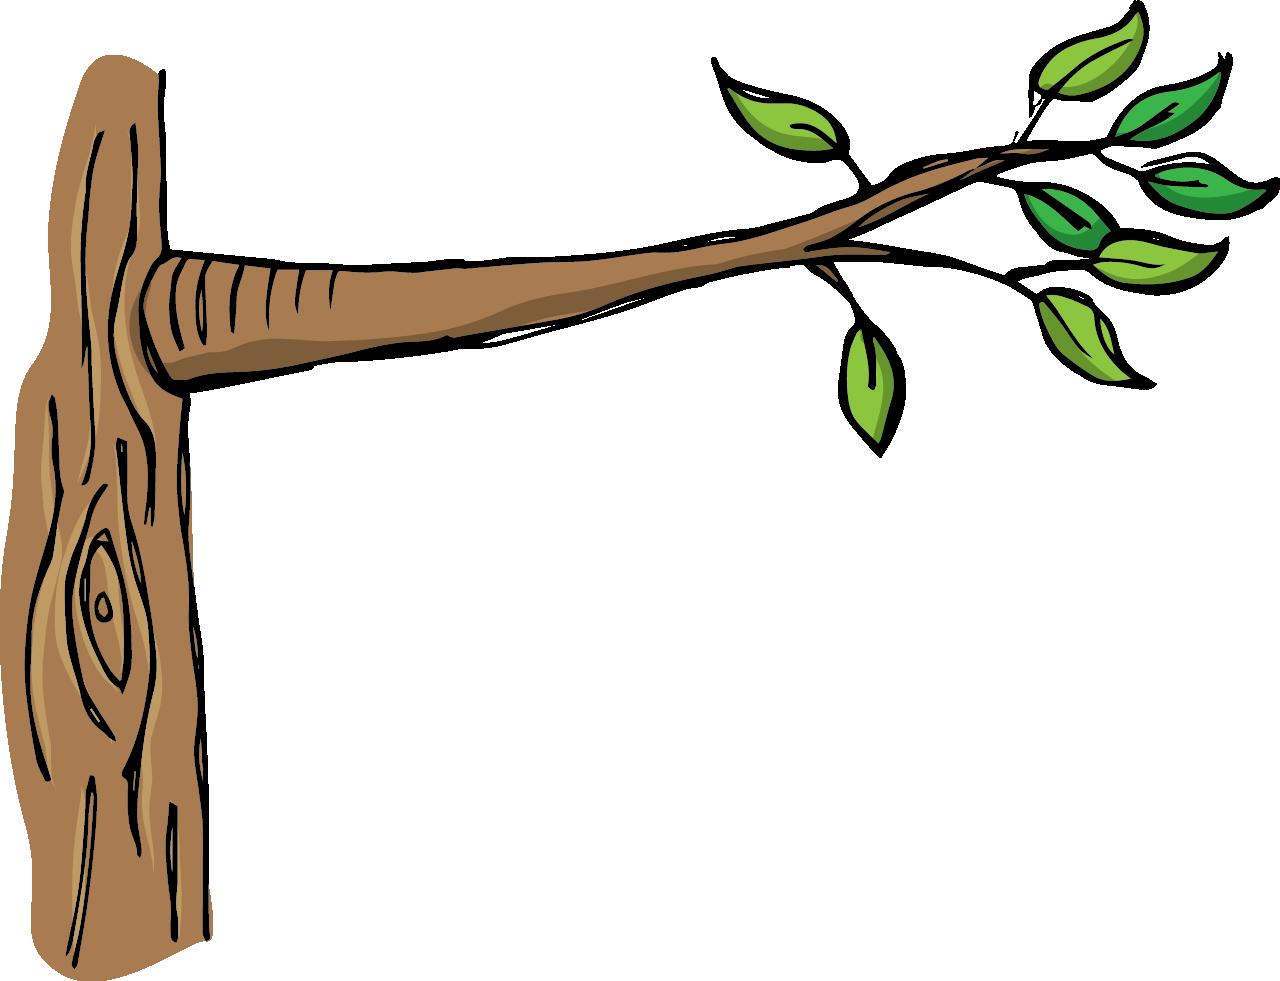 tree limb clipart - photo #17